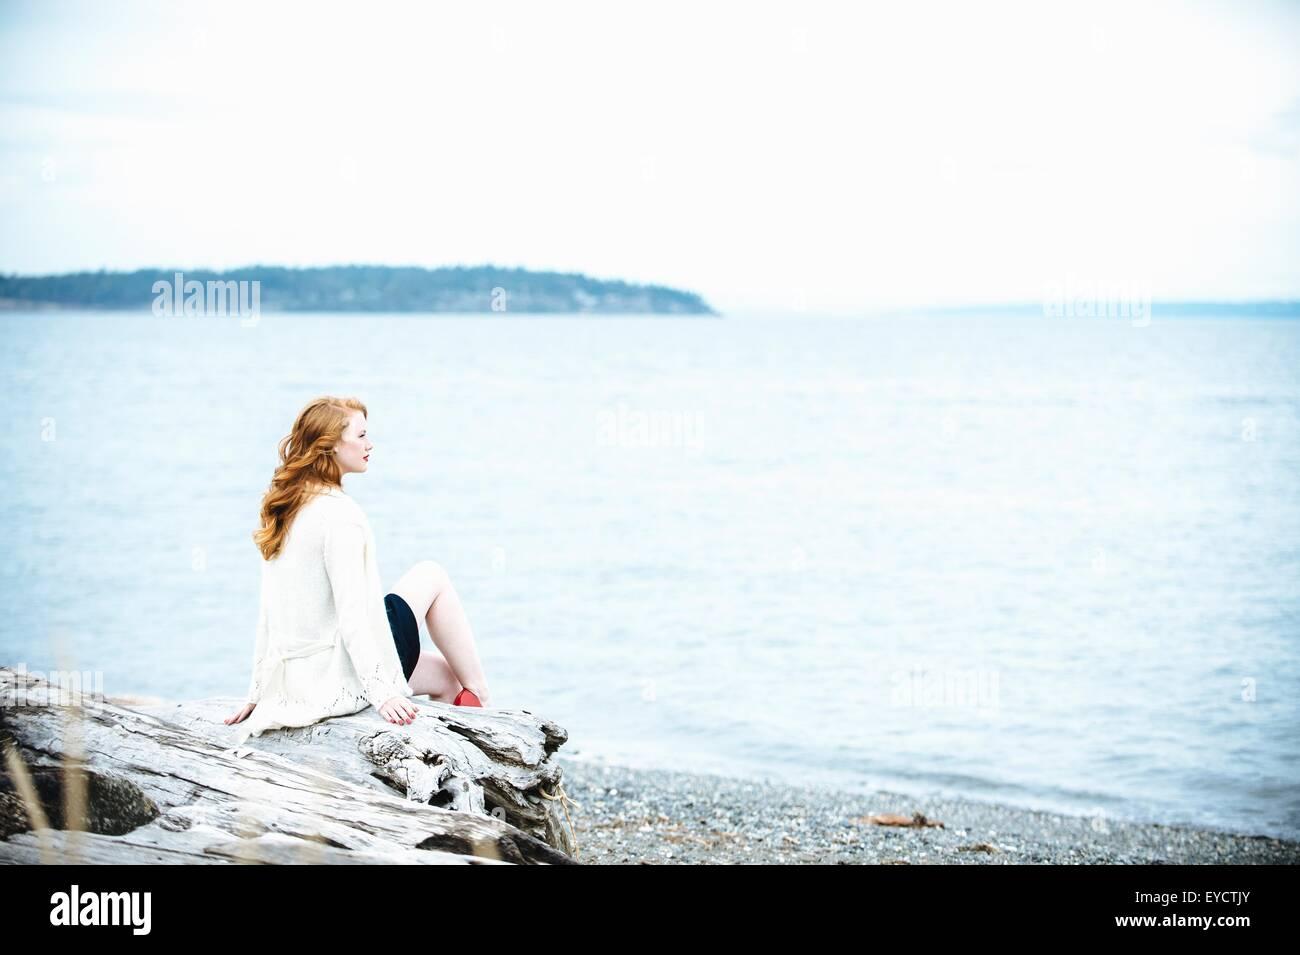 Giovane donna seduta sulla spiaggia che guarda al mare, Bainbridge Island, nello Stato di Washington, USA Immagini Stock